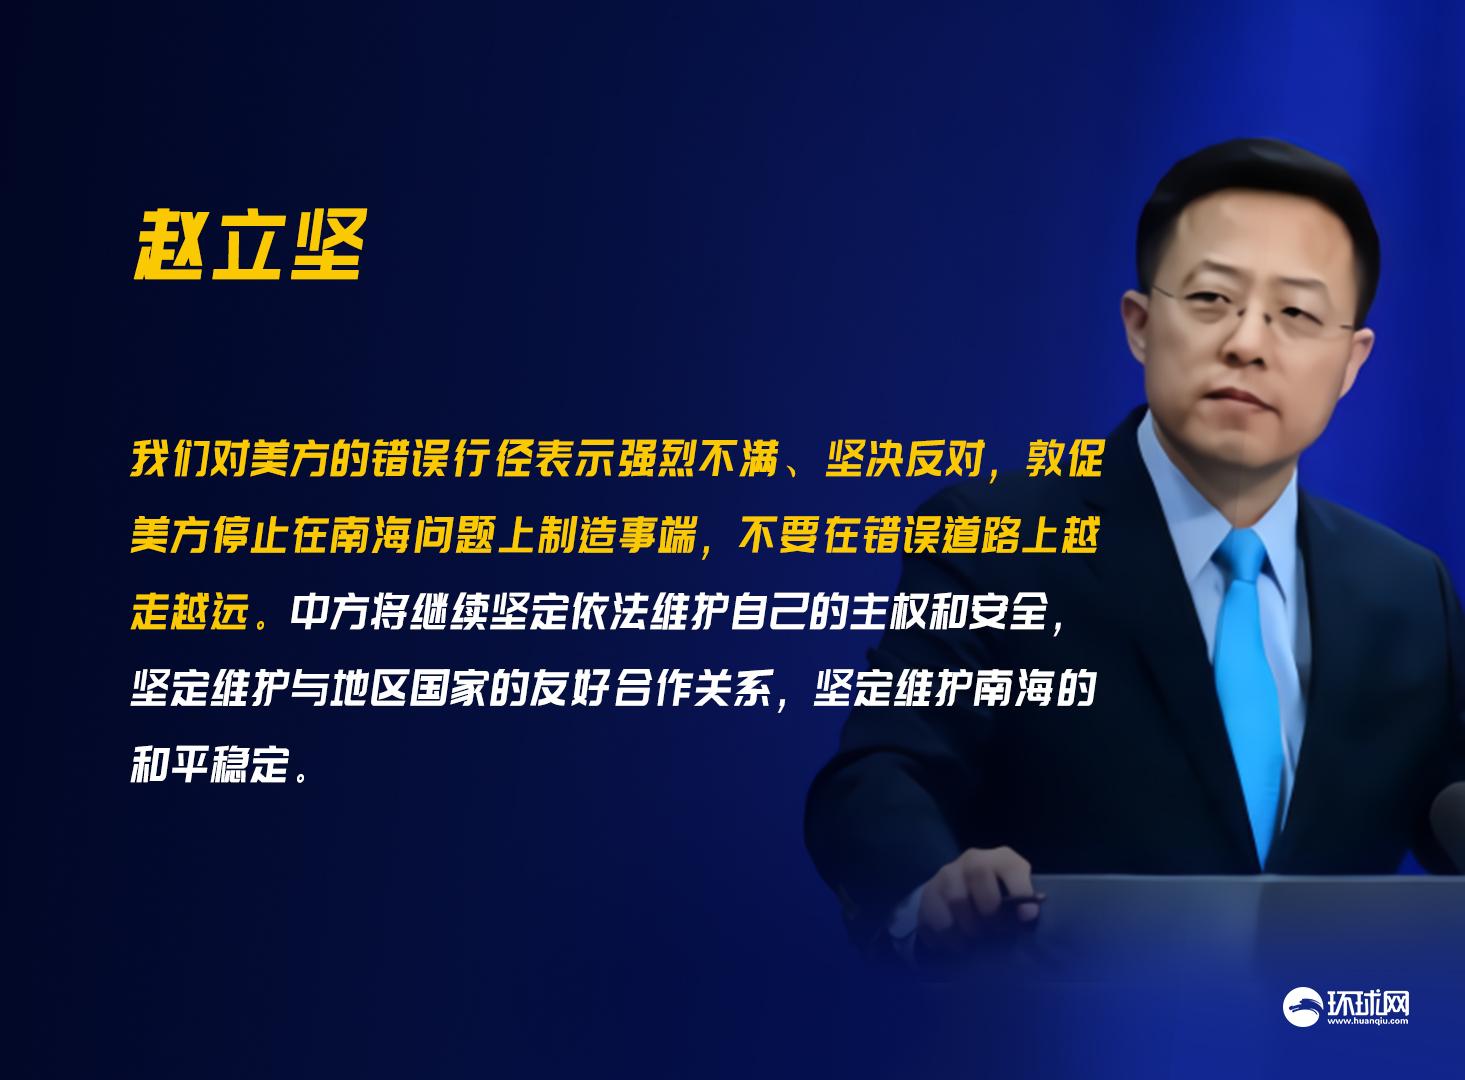 皇冠app下载:蓬佩奥宣称中国在南海许多主张没有法律依据,外交部发言人超长回手! 第1张